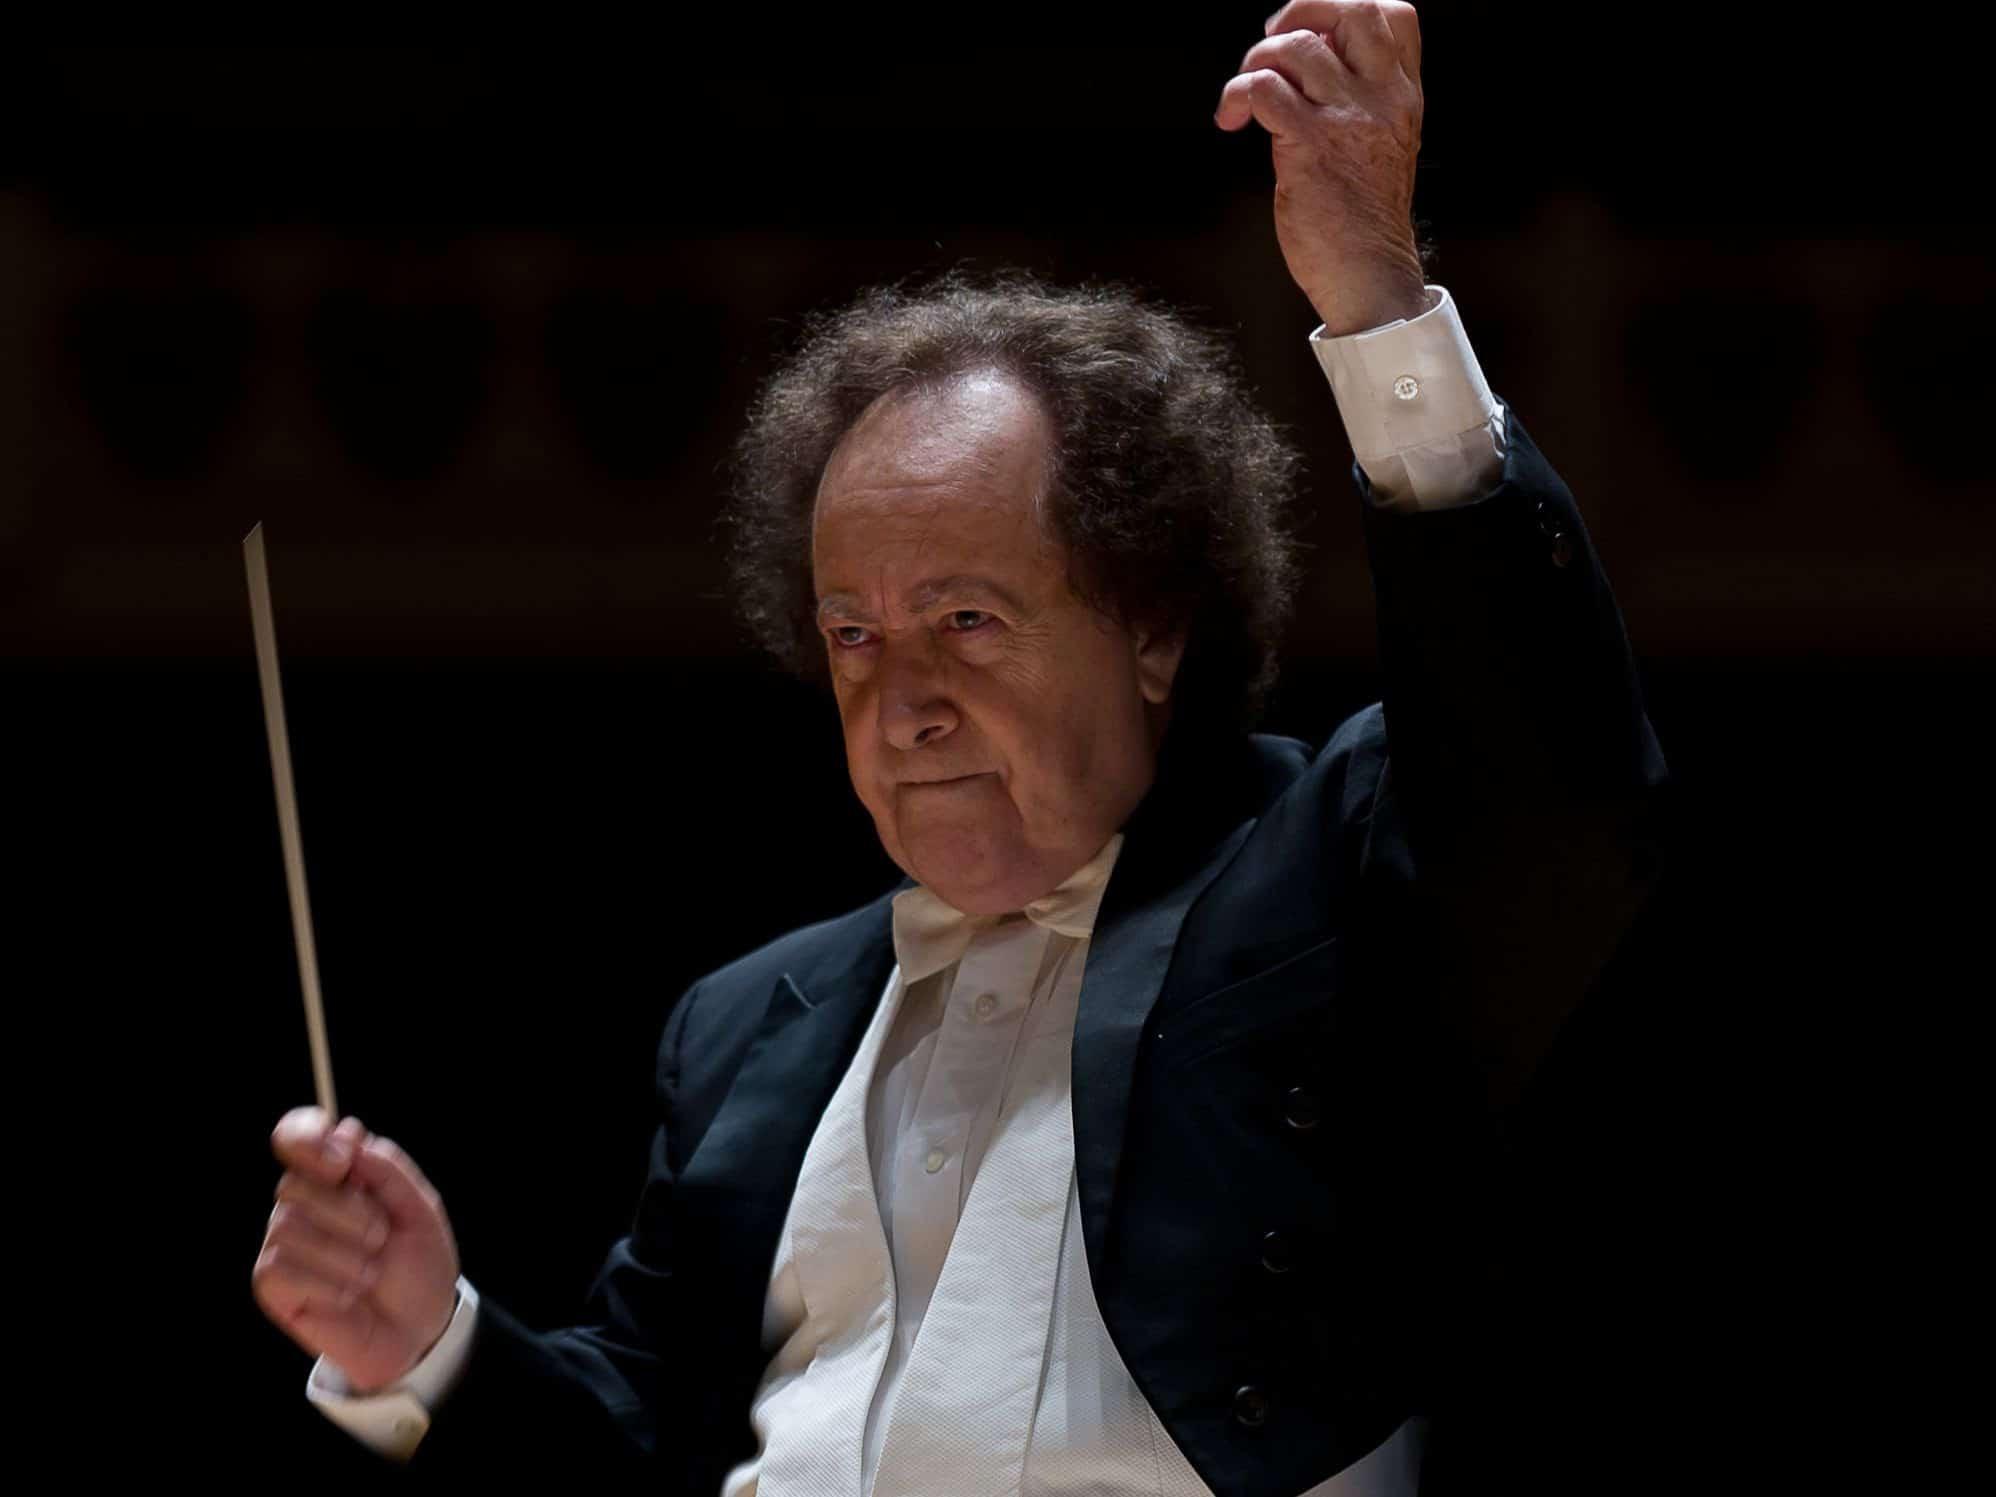 I was 17 when Leopold Stokowski premiered my 1st symphony